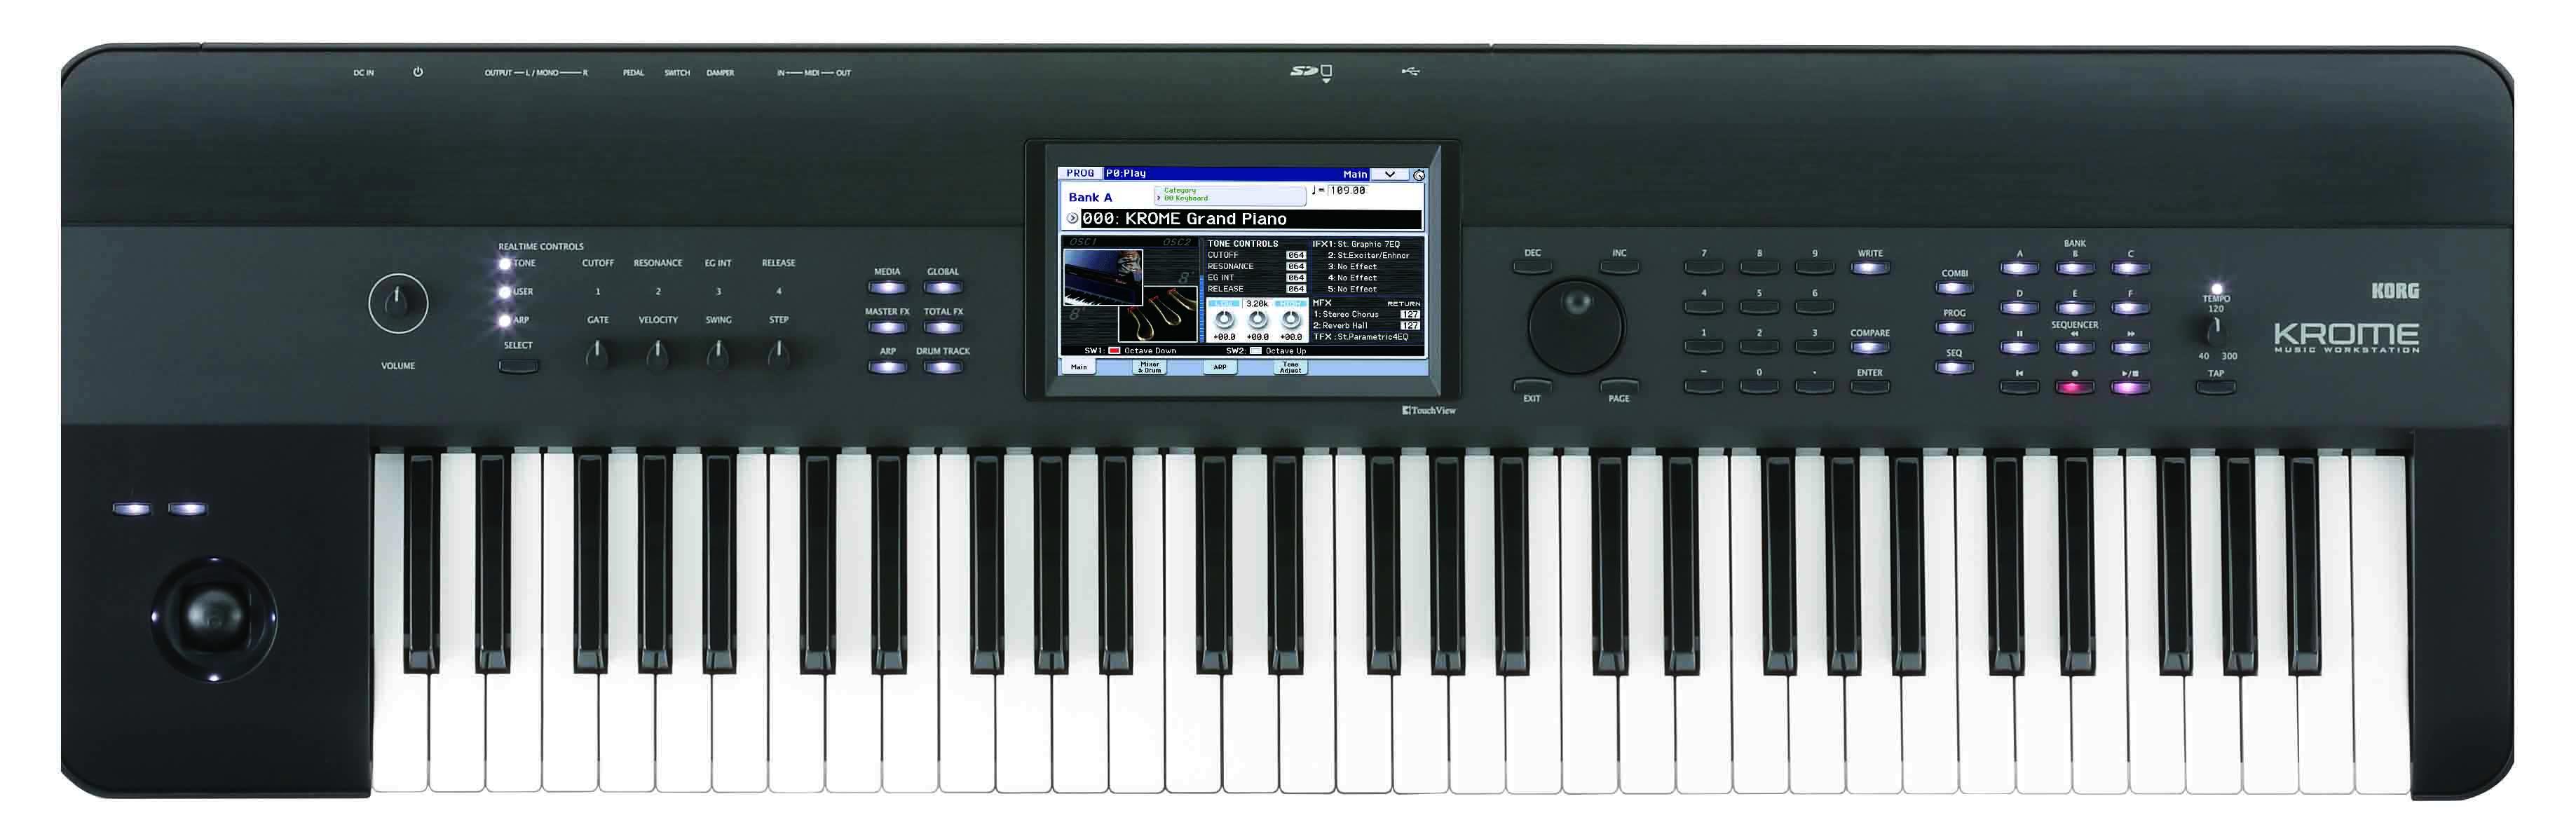 korg krome 61 music workstation 4959112099128 ebay rh ebay com Korg Krome 73 korg krome 73 user manual